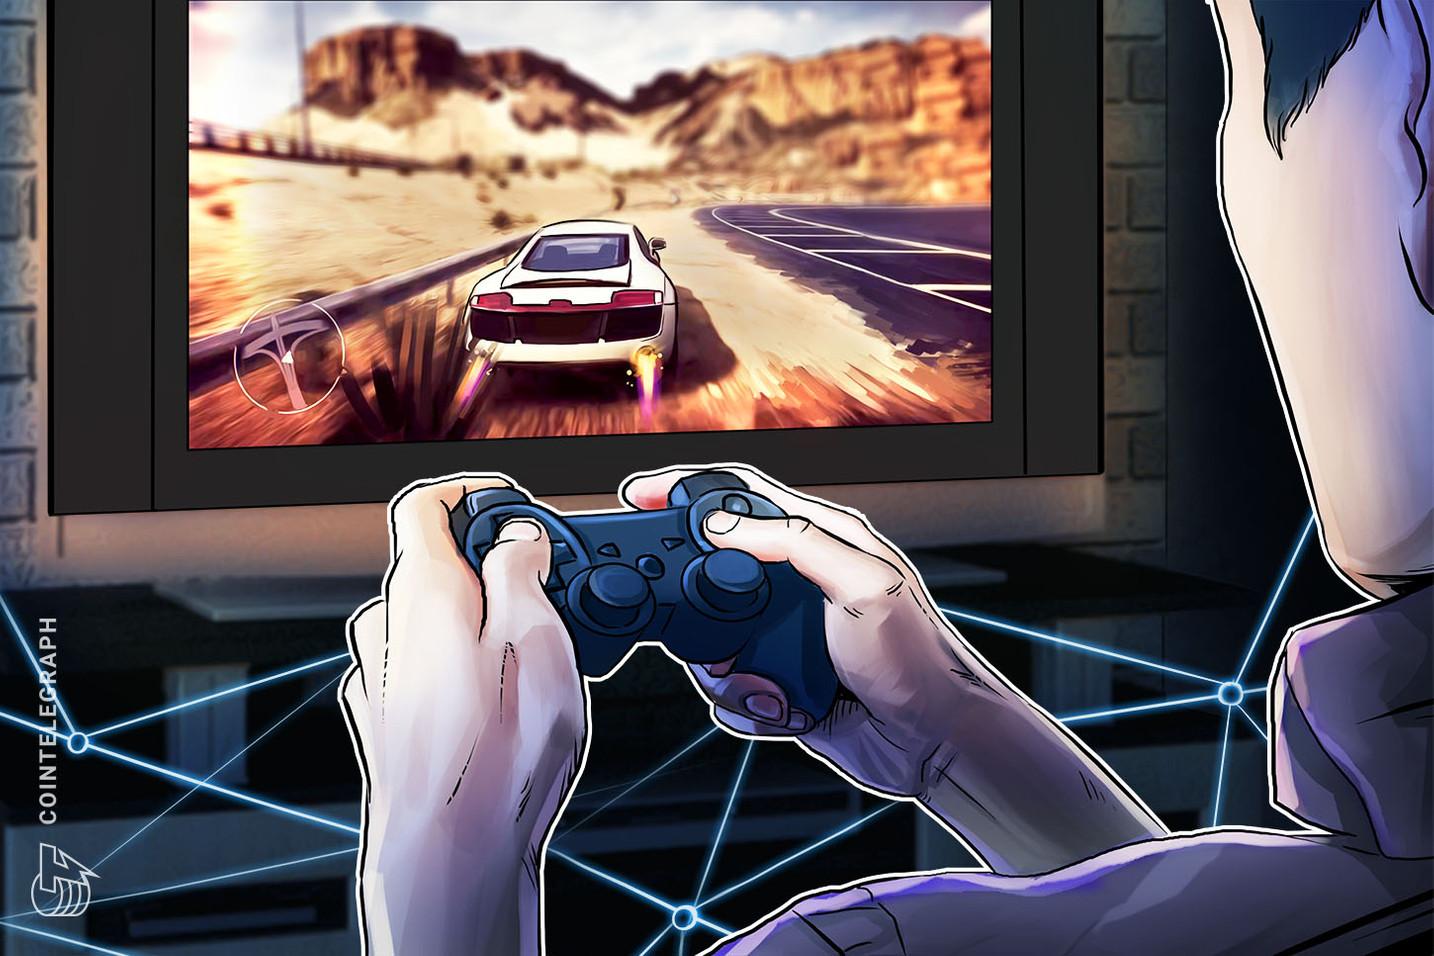 仏ゲームのユービーアイソフト、ブロックチェーンでゲーム開発を計画